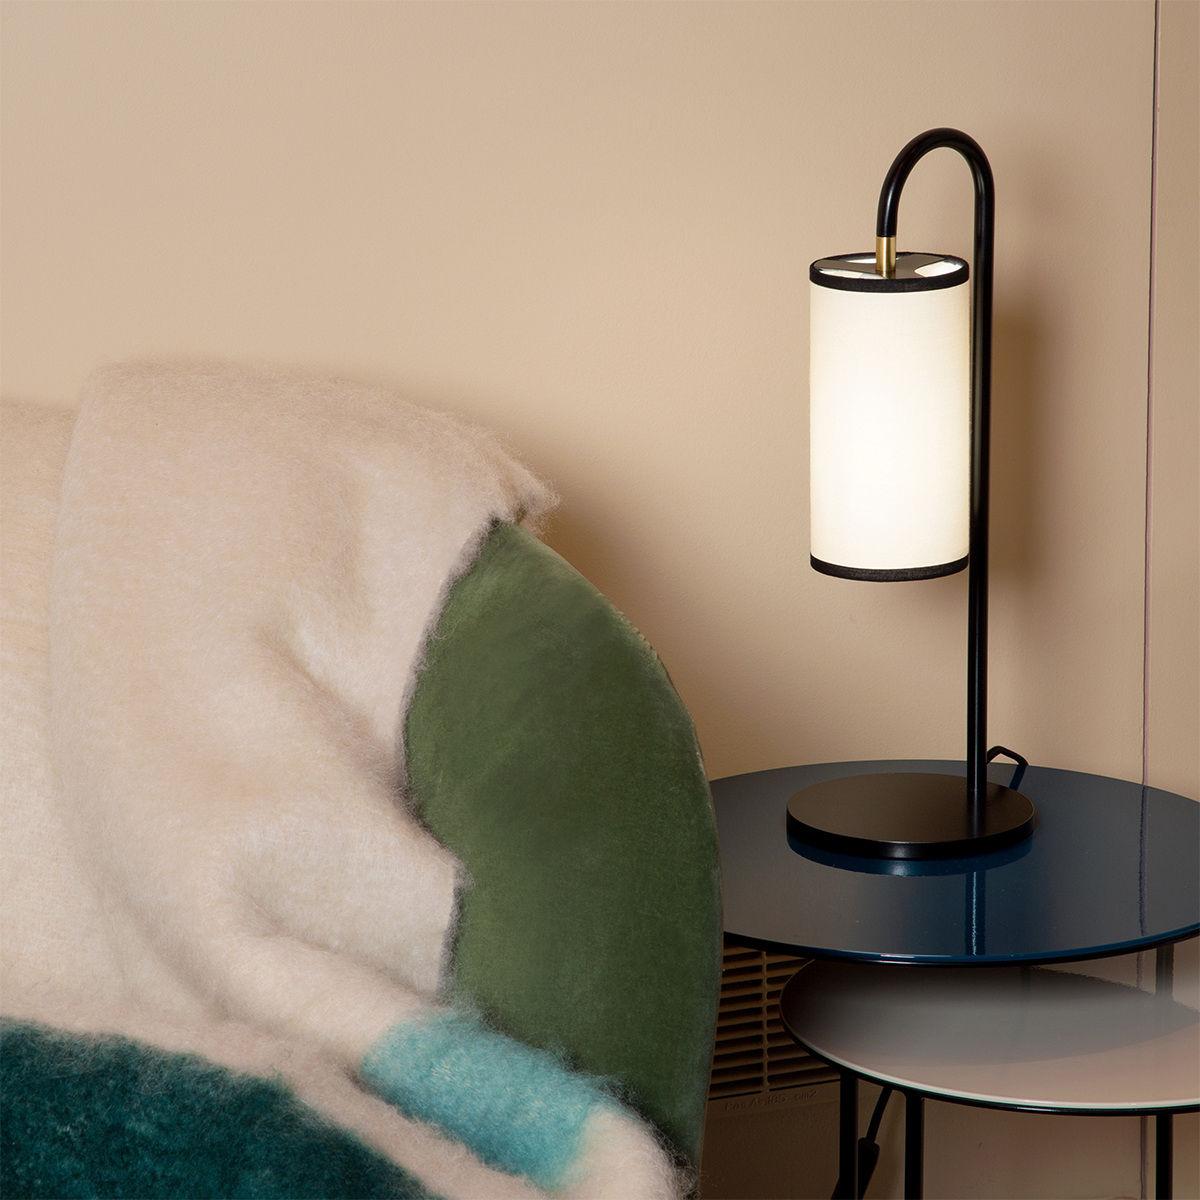 Lampada Da Tavolo Tokyo Di Maison Sarah Lavoine Bianco Nero Made In Design